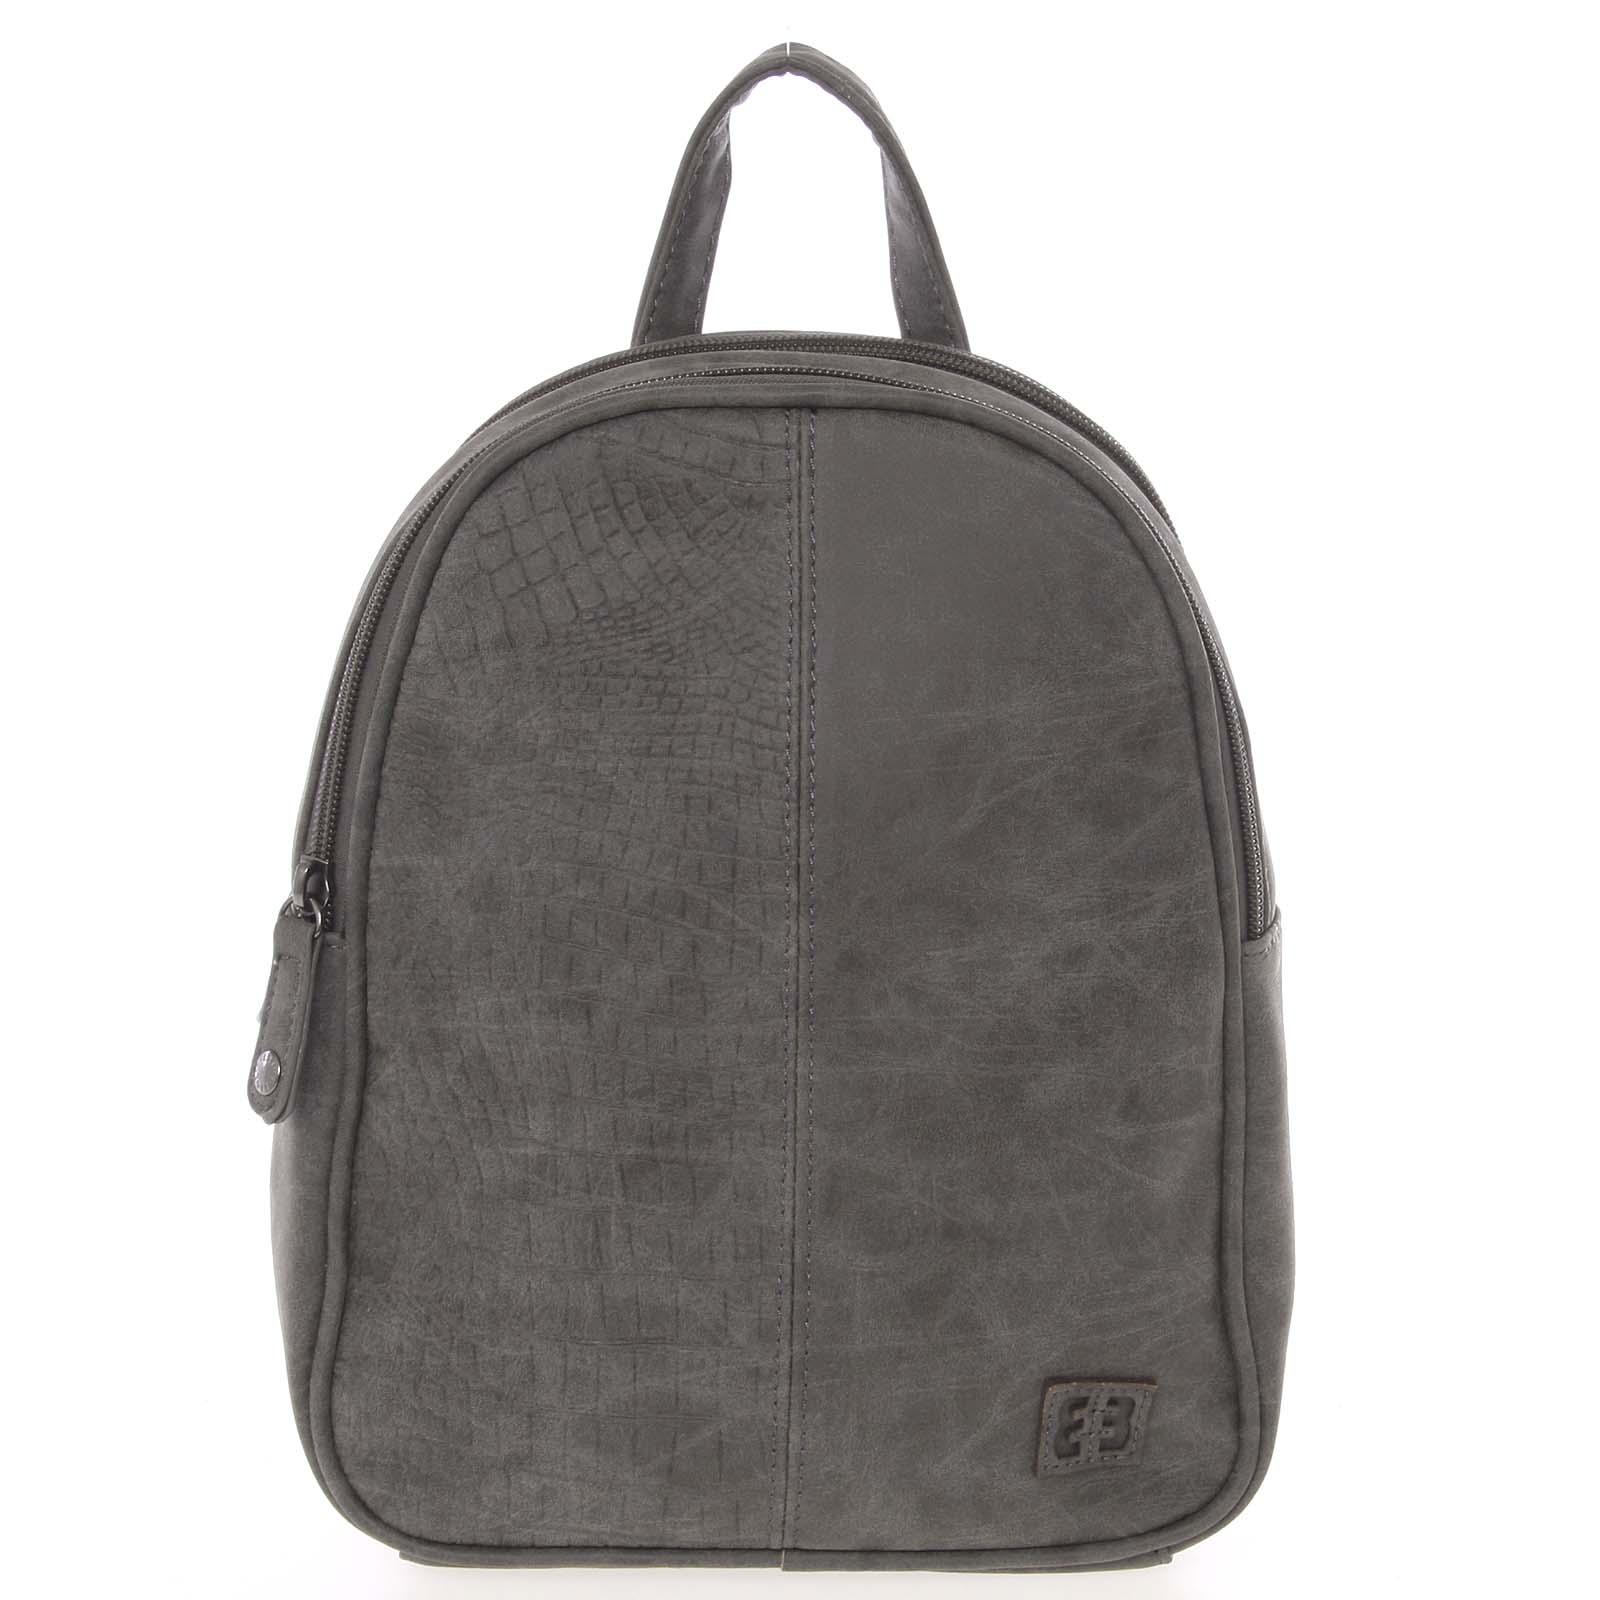 Malý stylový dámský batoh šedý - Enrico Benetti Abba